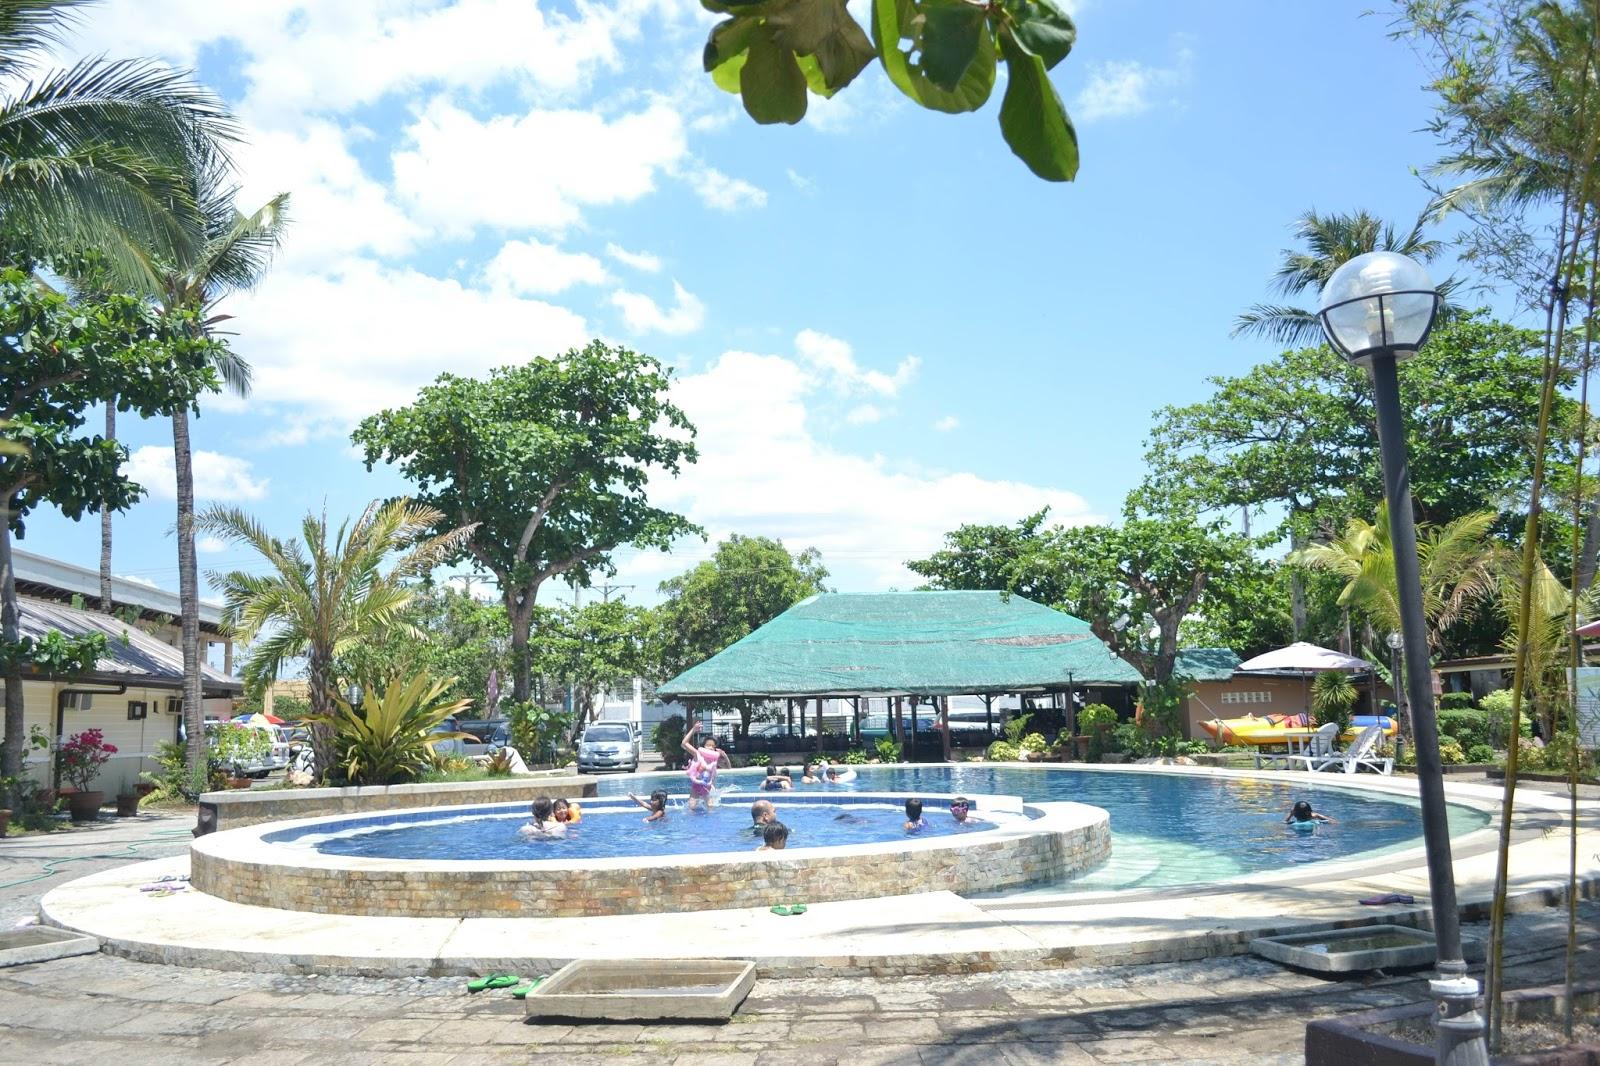 Bernabeach Resort swimming pool